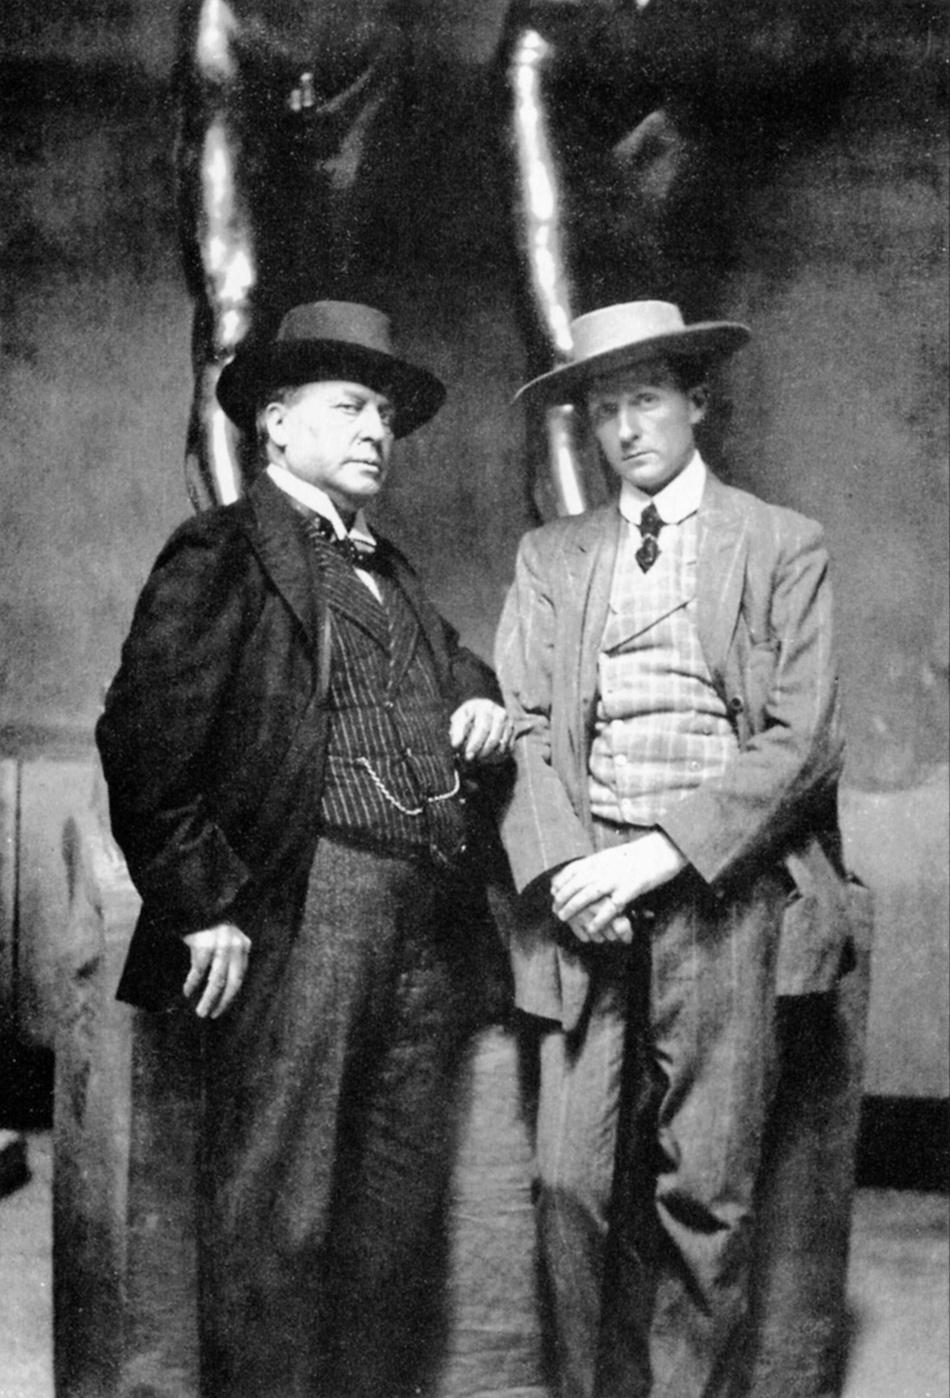 Henry James and the sculptor Hendrik Andersen in Andersen's studio, Rome, 1907